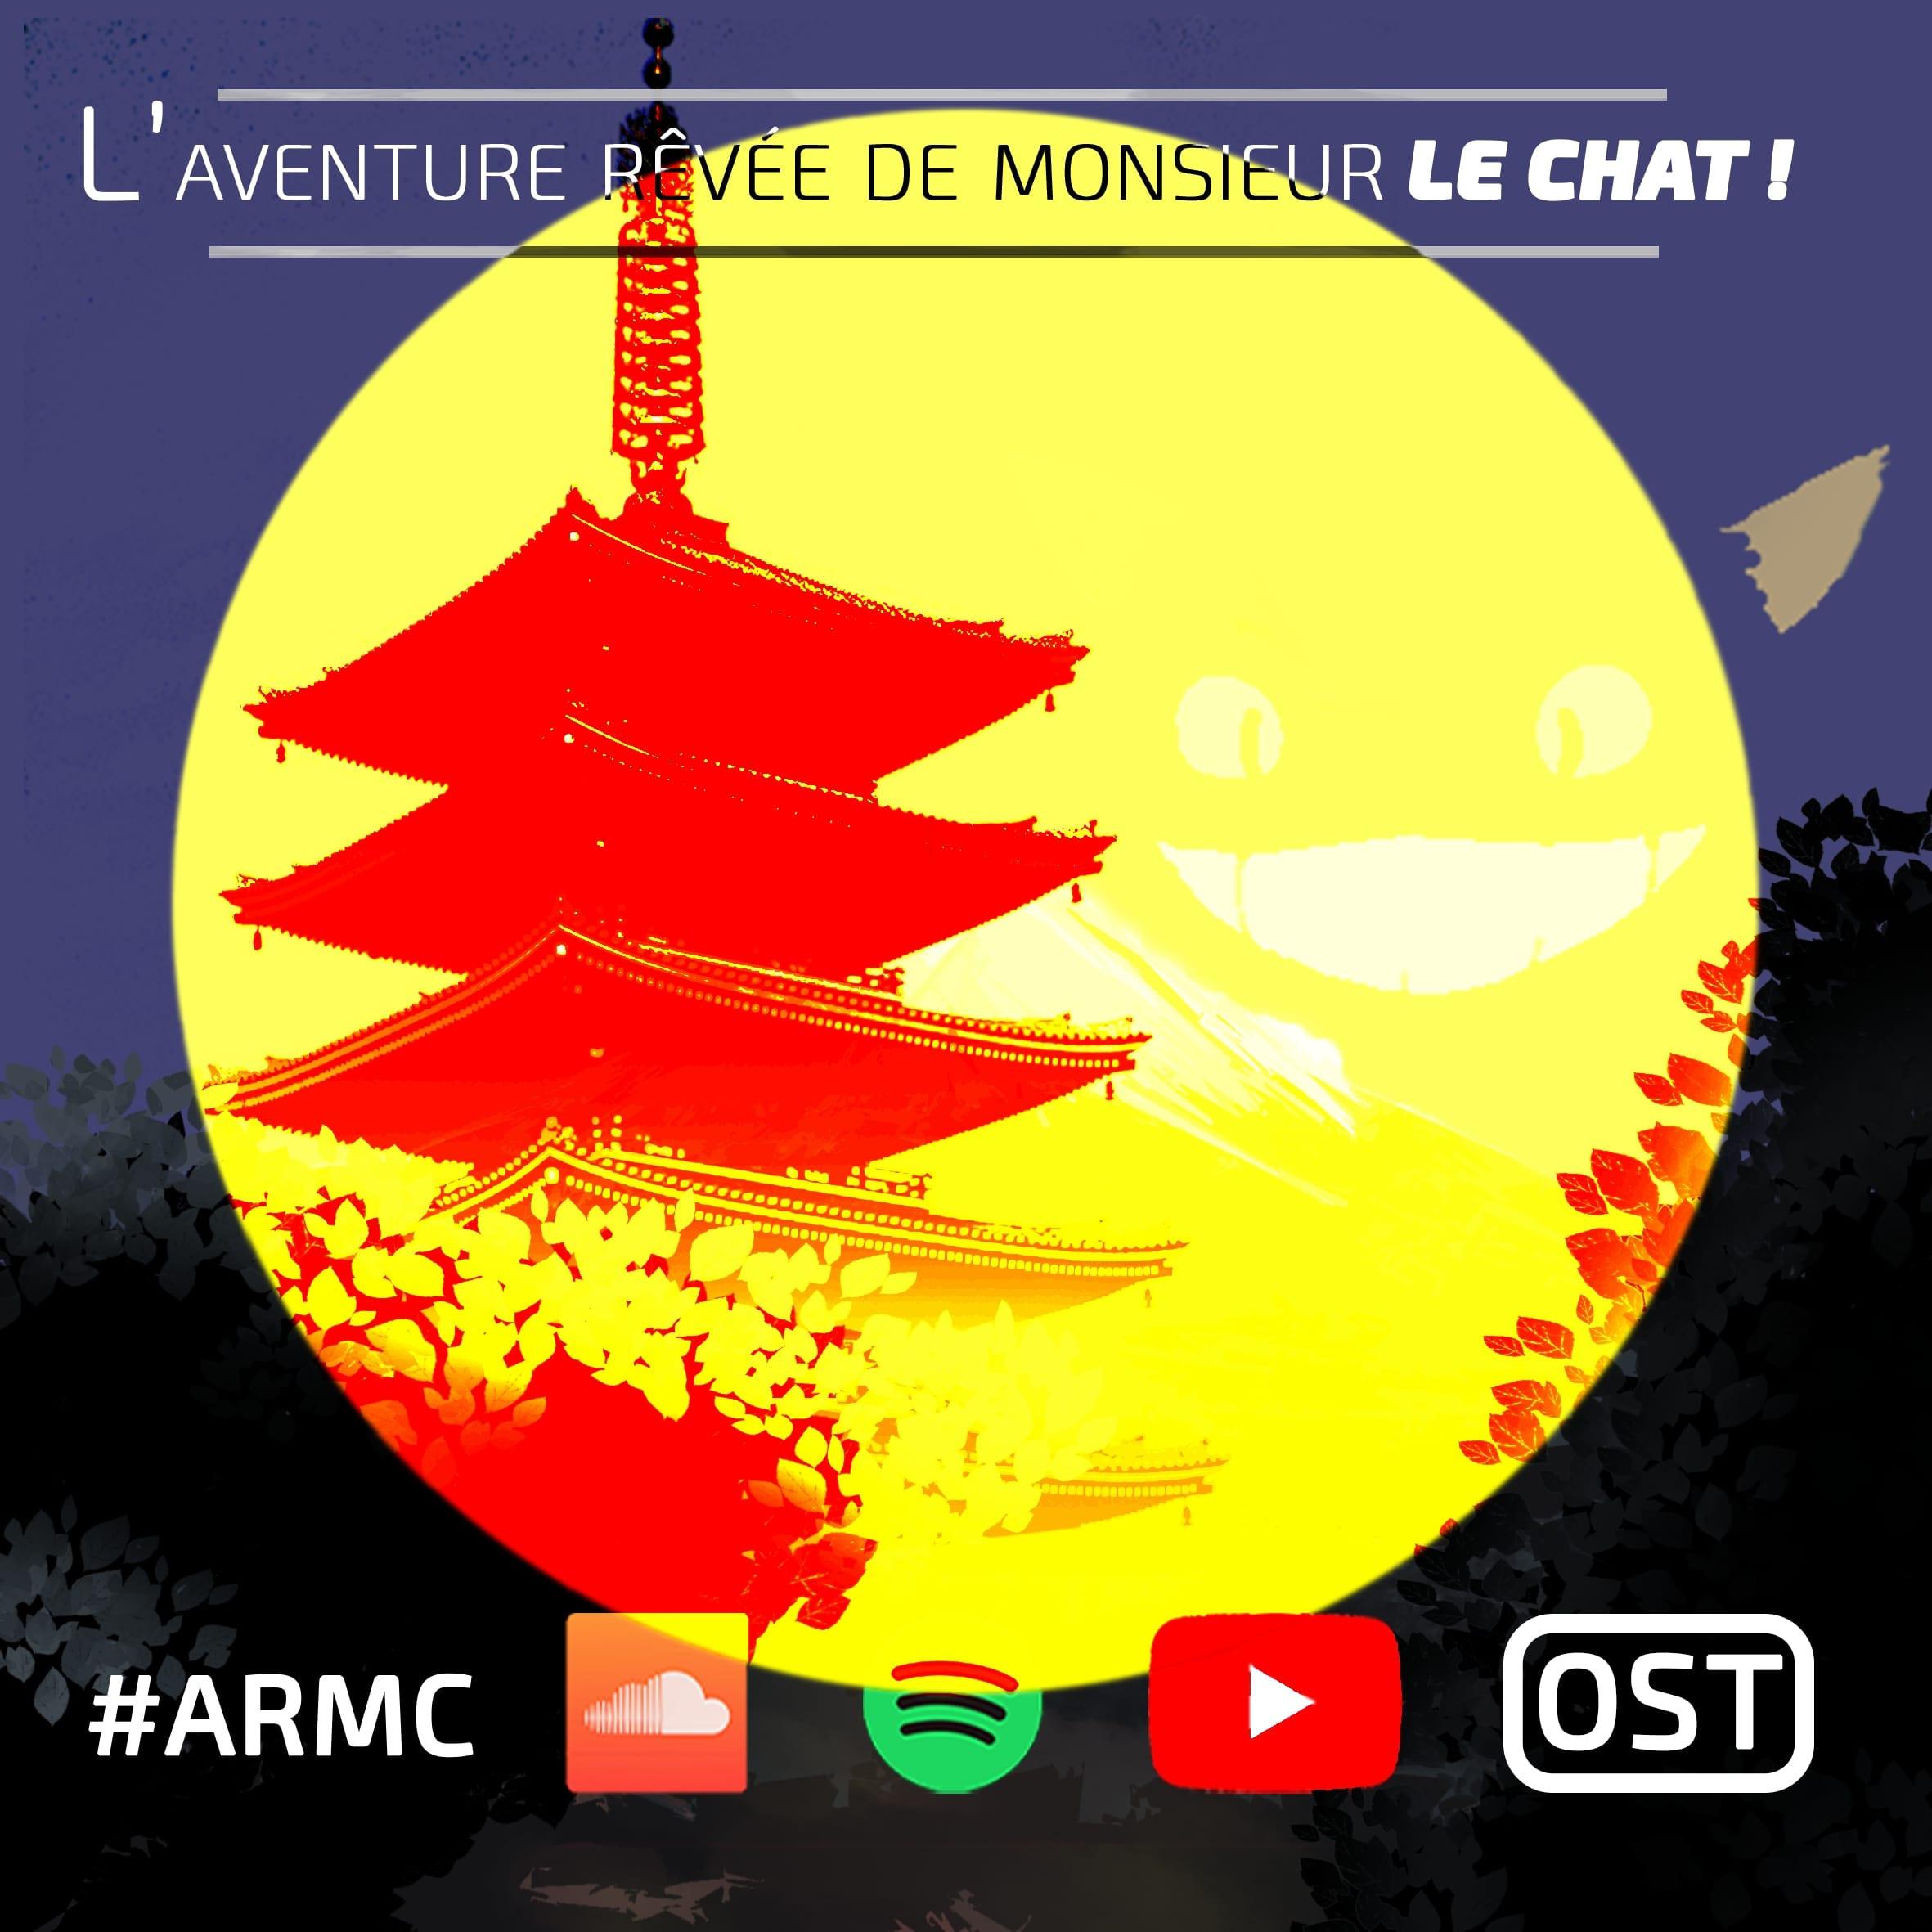 L'aventure rêvée de Monsieur LE CHAT : Dernier épisode OST